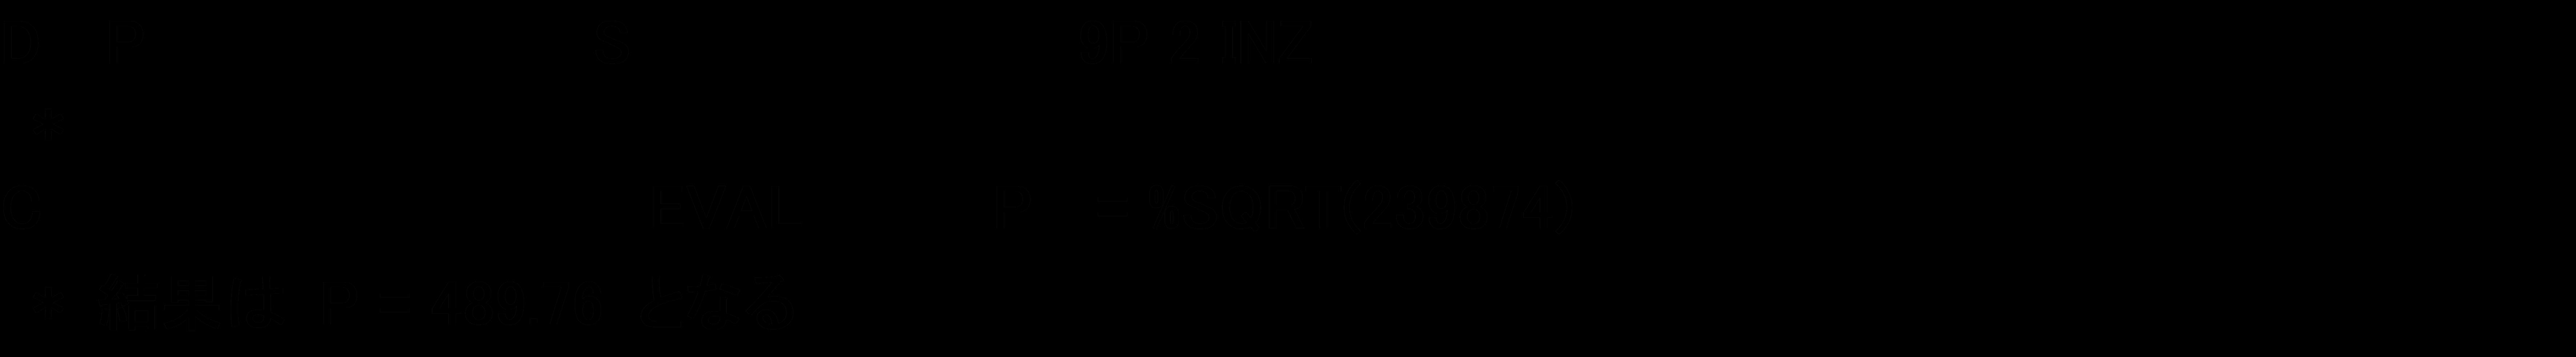 %SQRTの使用例